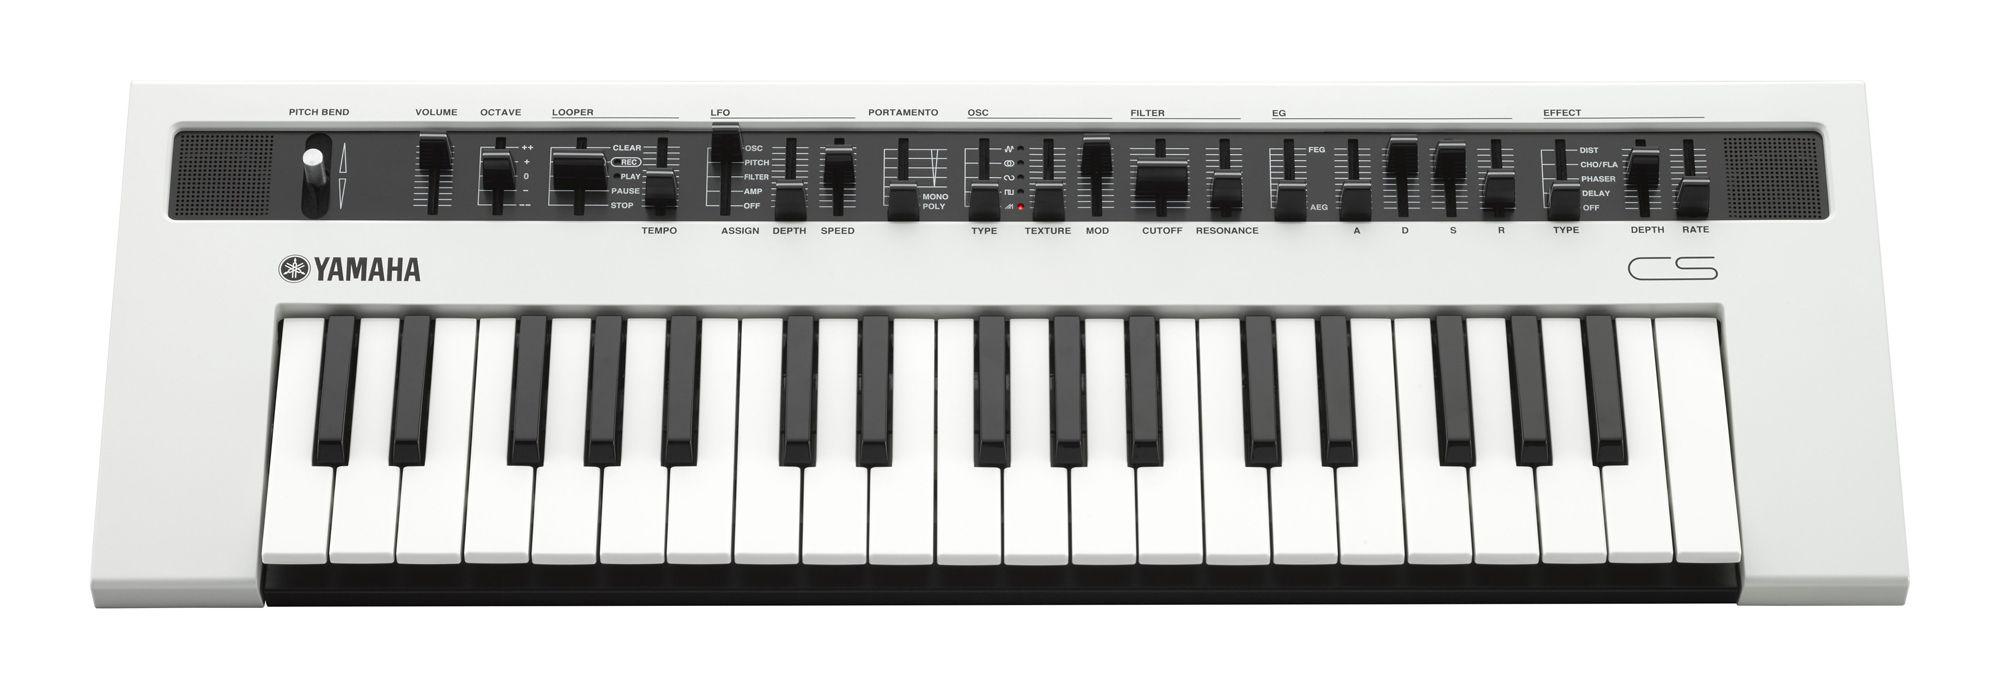 Sintetizador Analógico Yamaha Reface CS